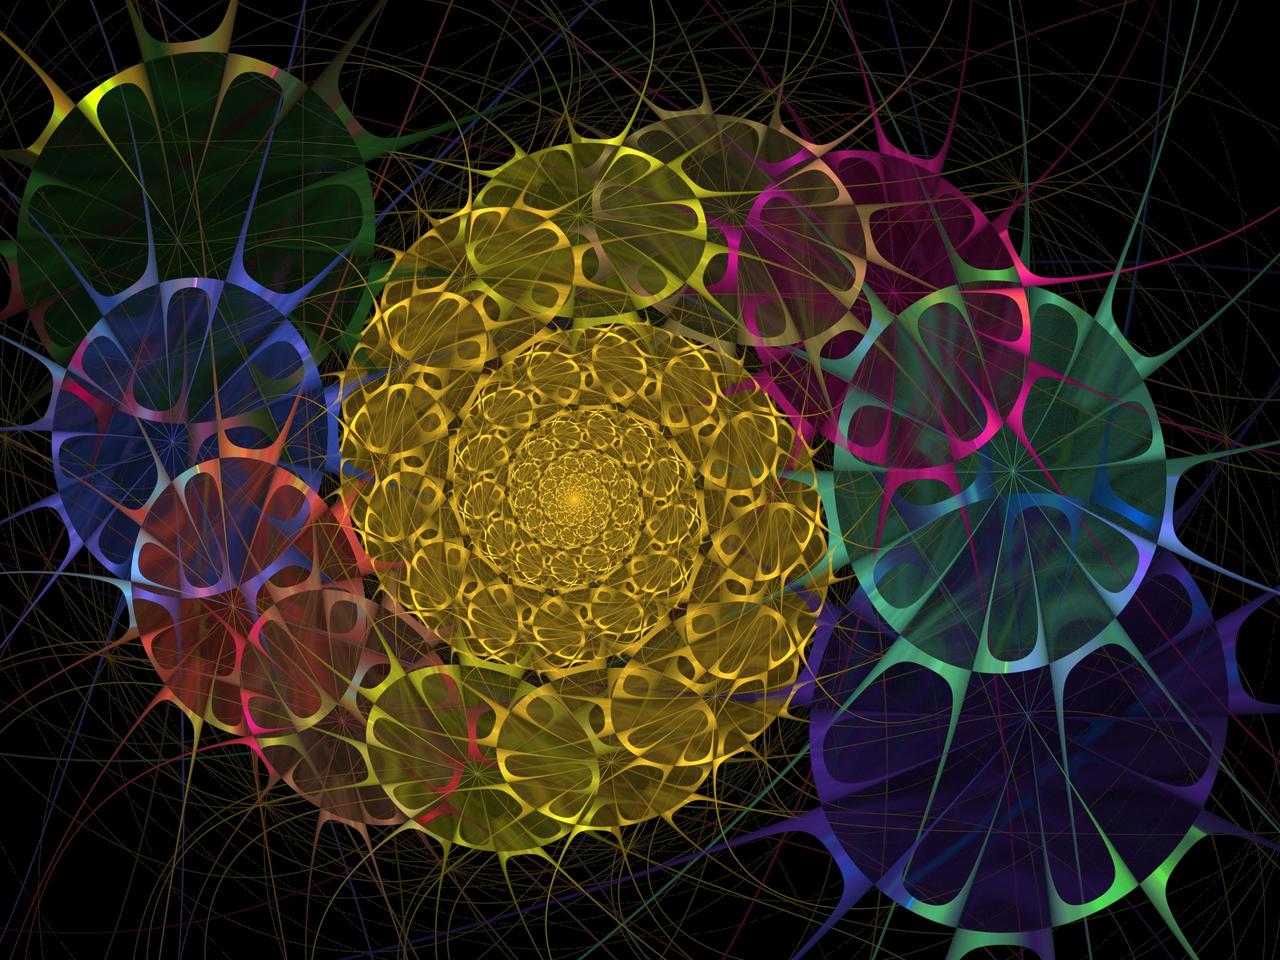 Epispiral-Spiral by allthenightlong